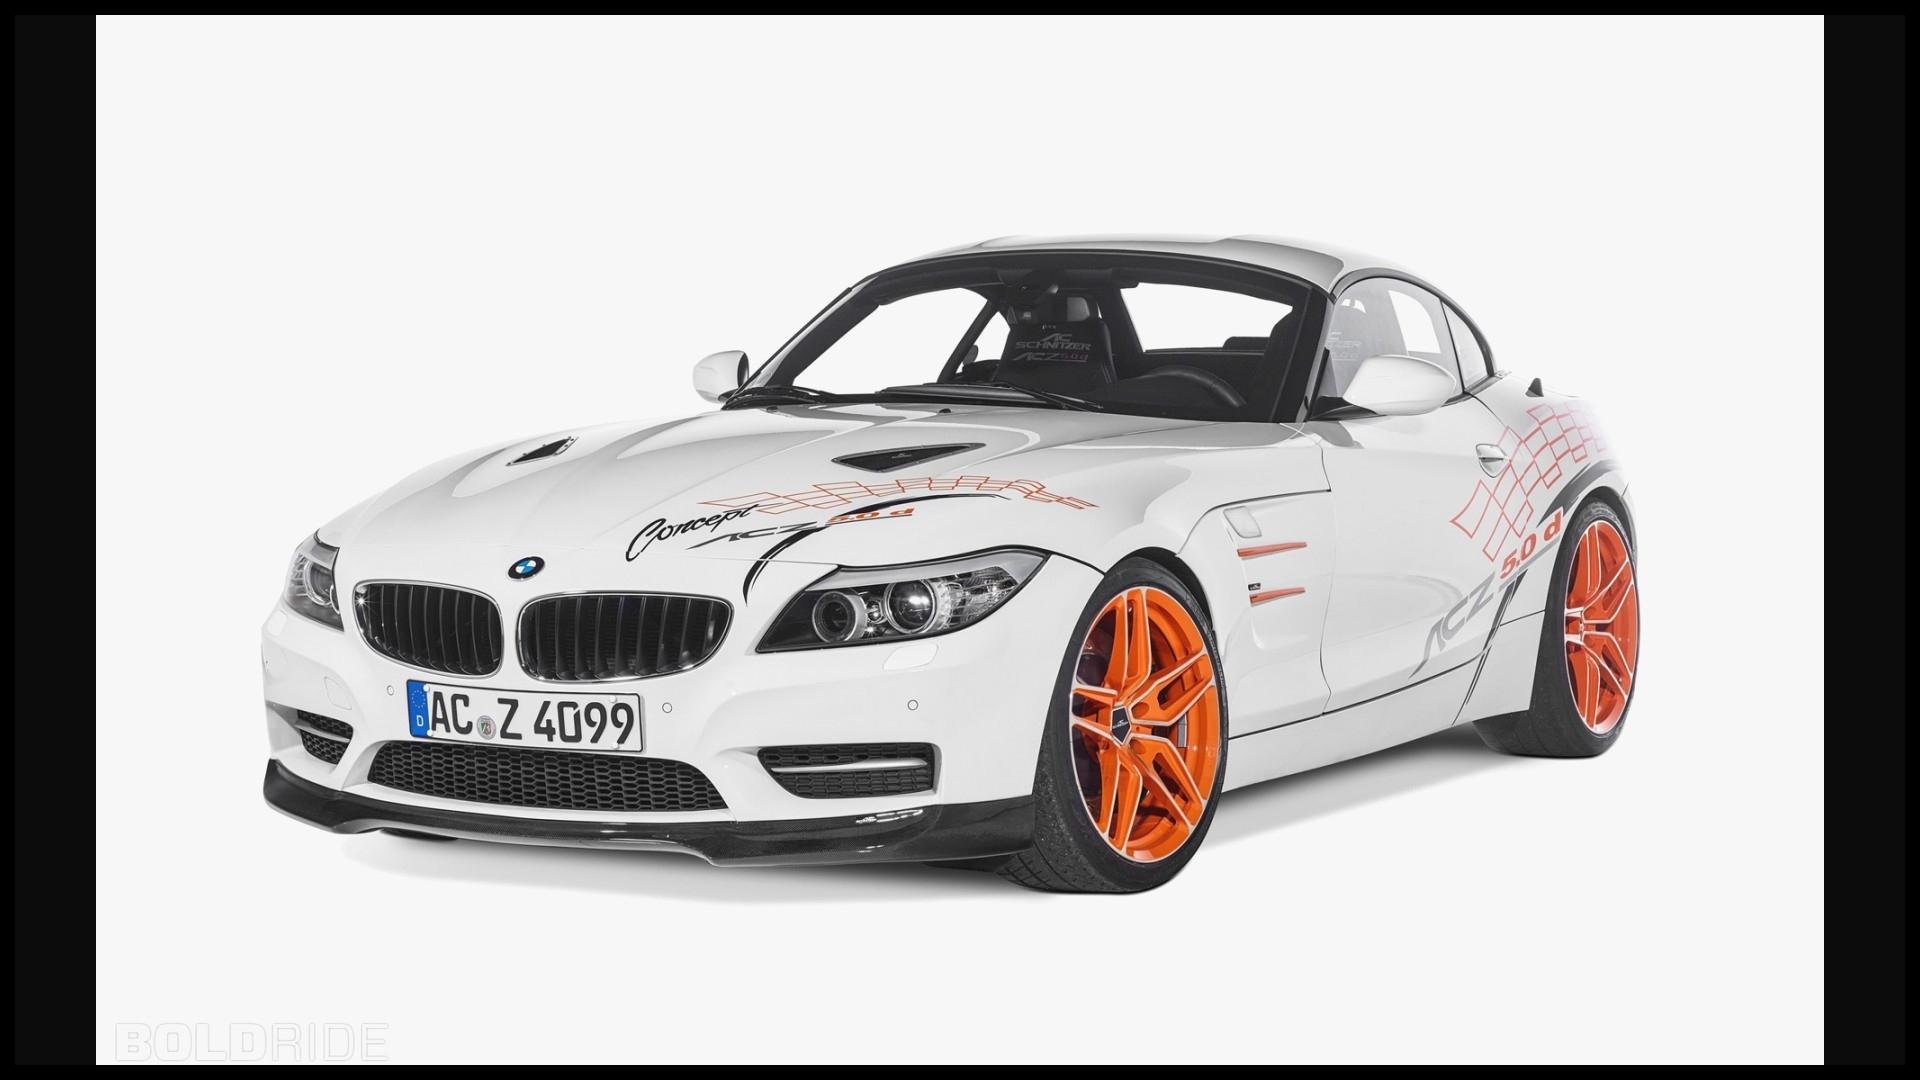 Bmw Car New Elegant Ac Schnitzer Bmw Z4 Acz4 5 0d Car Fullscreen Bmw Cars Wallpaper Hd